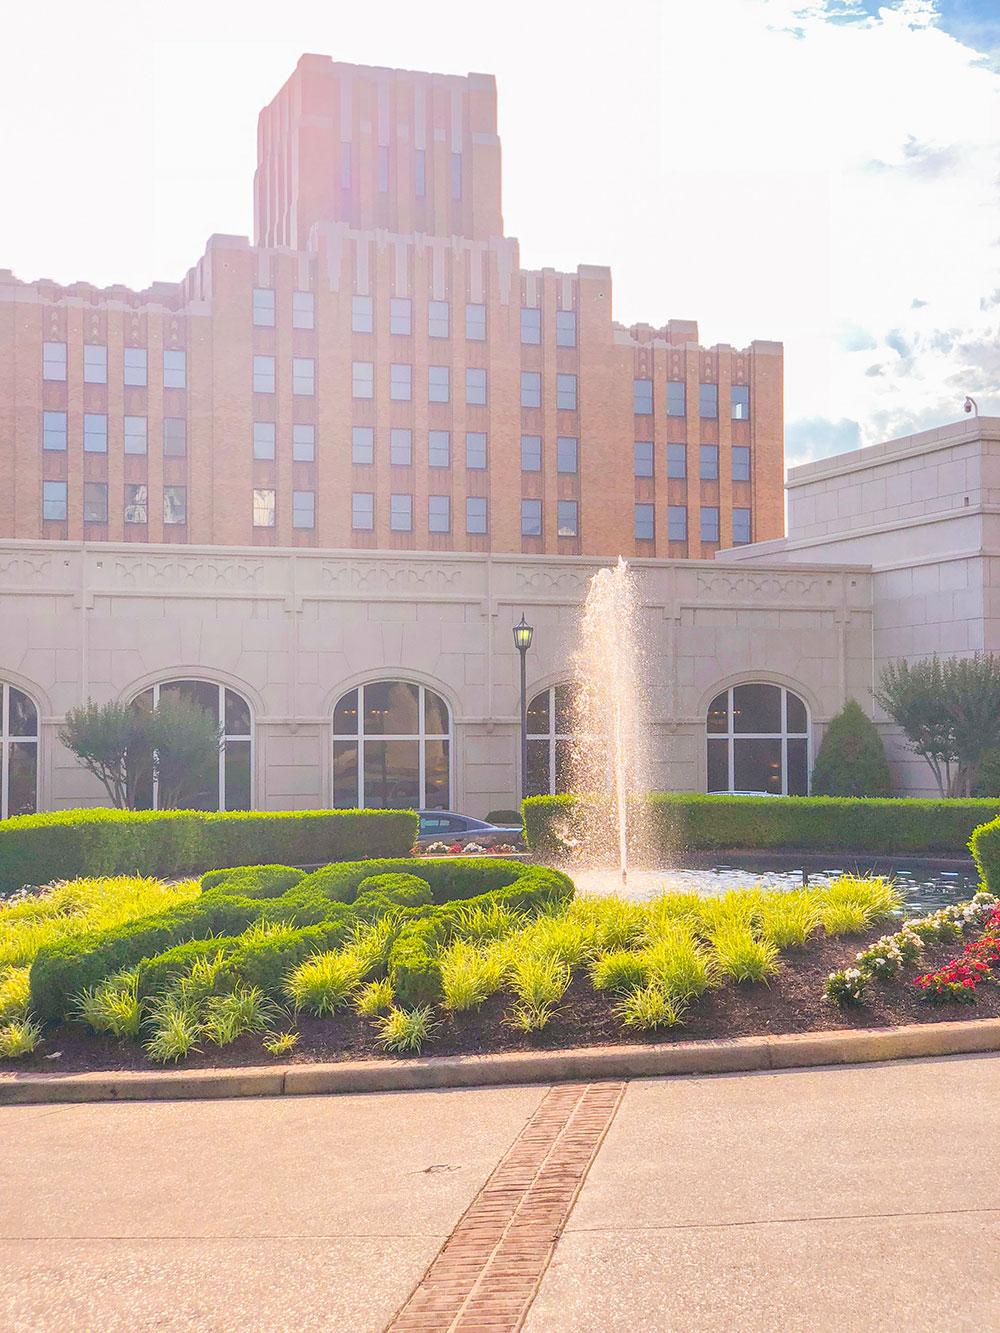 hotel roanoke fountains